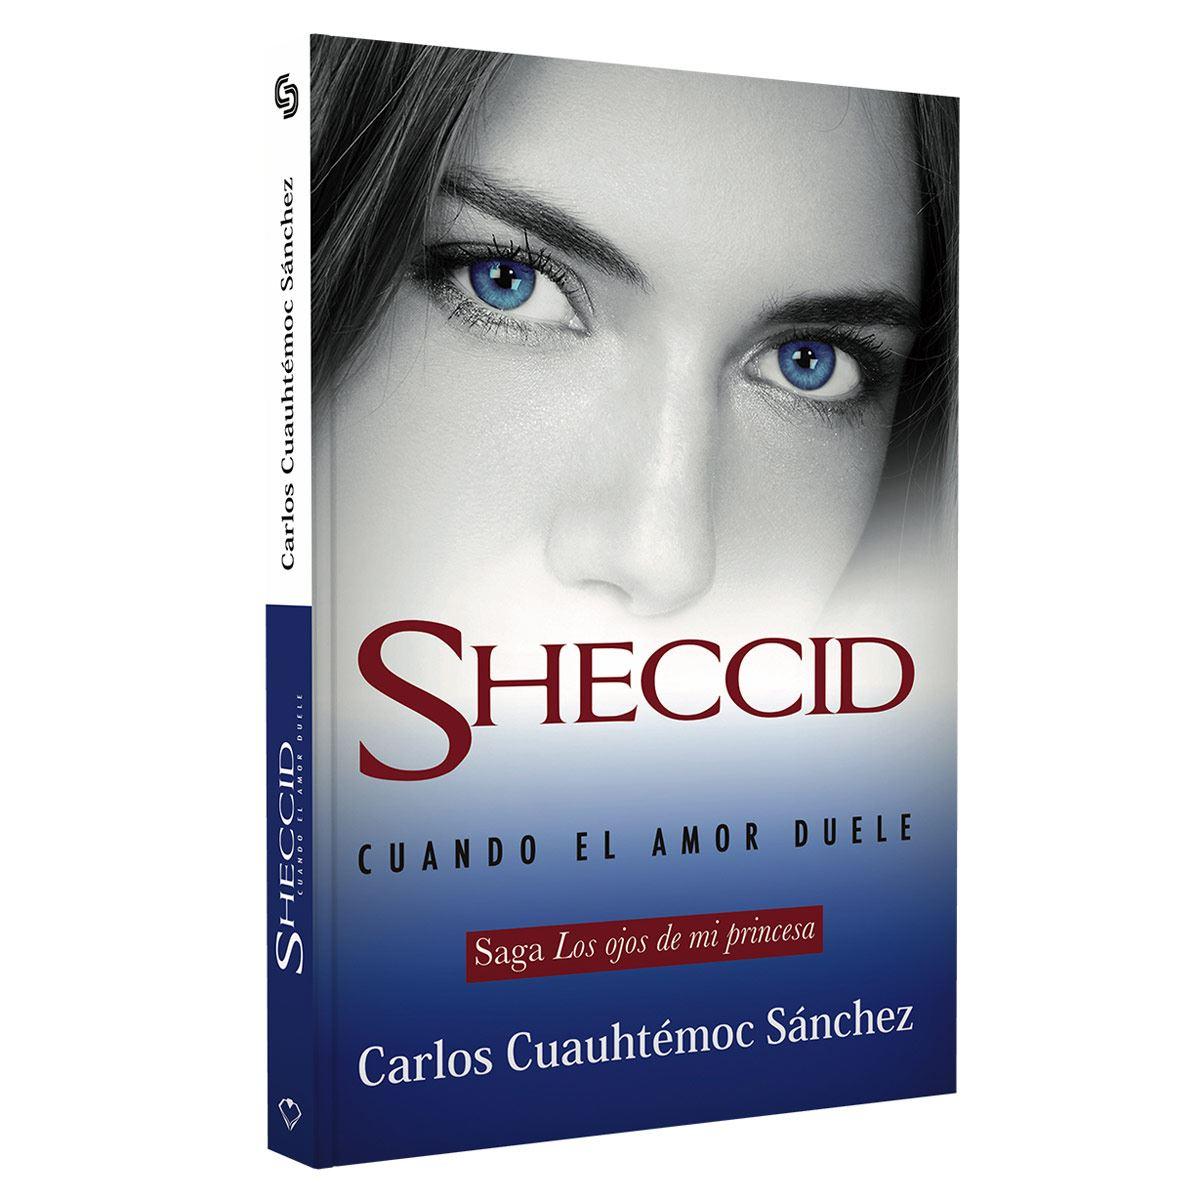 Sheccid. cuando el amor duele Libro - Sanborns